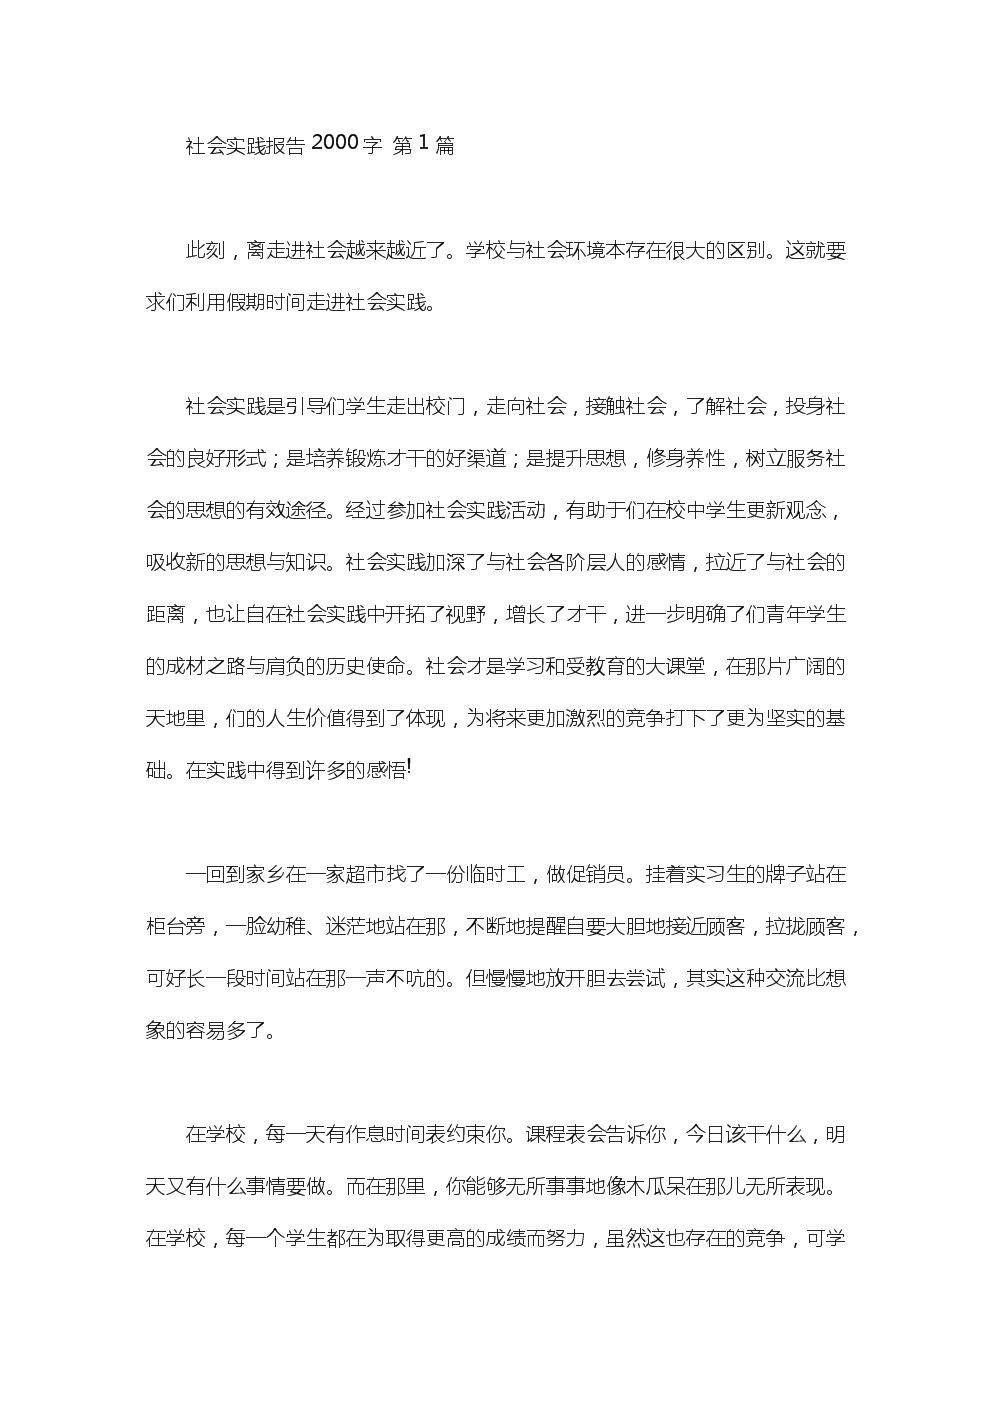 社会实践报告2000字(15篇汇总).doc